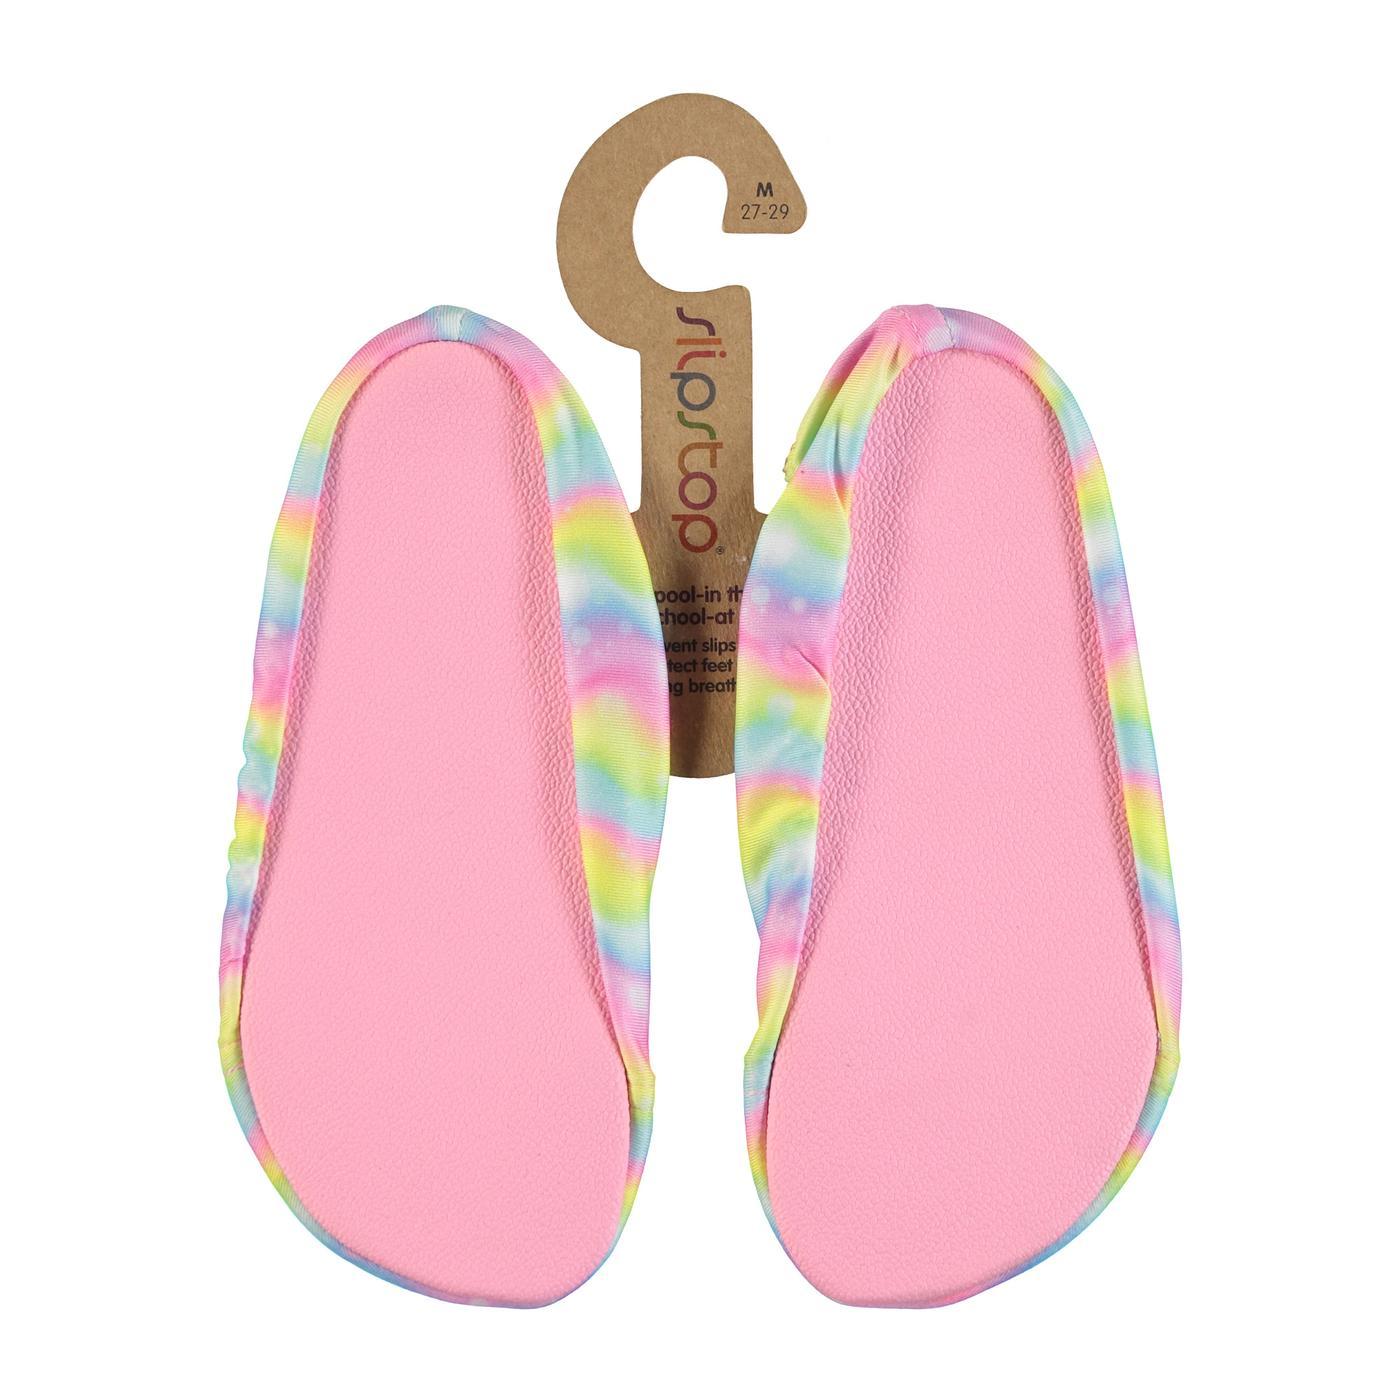 Slipstop Magical Çocuk Havuz Ayakkabısı